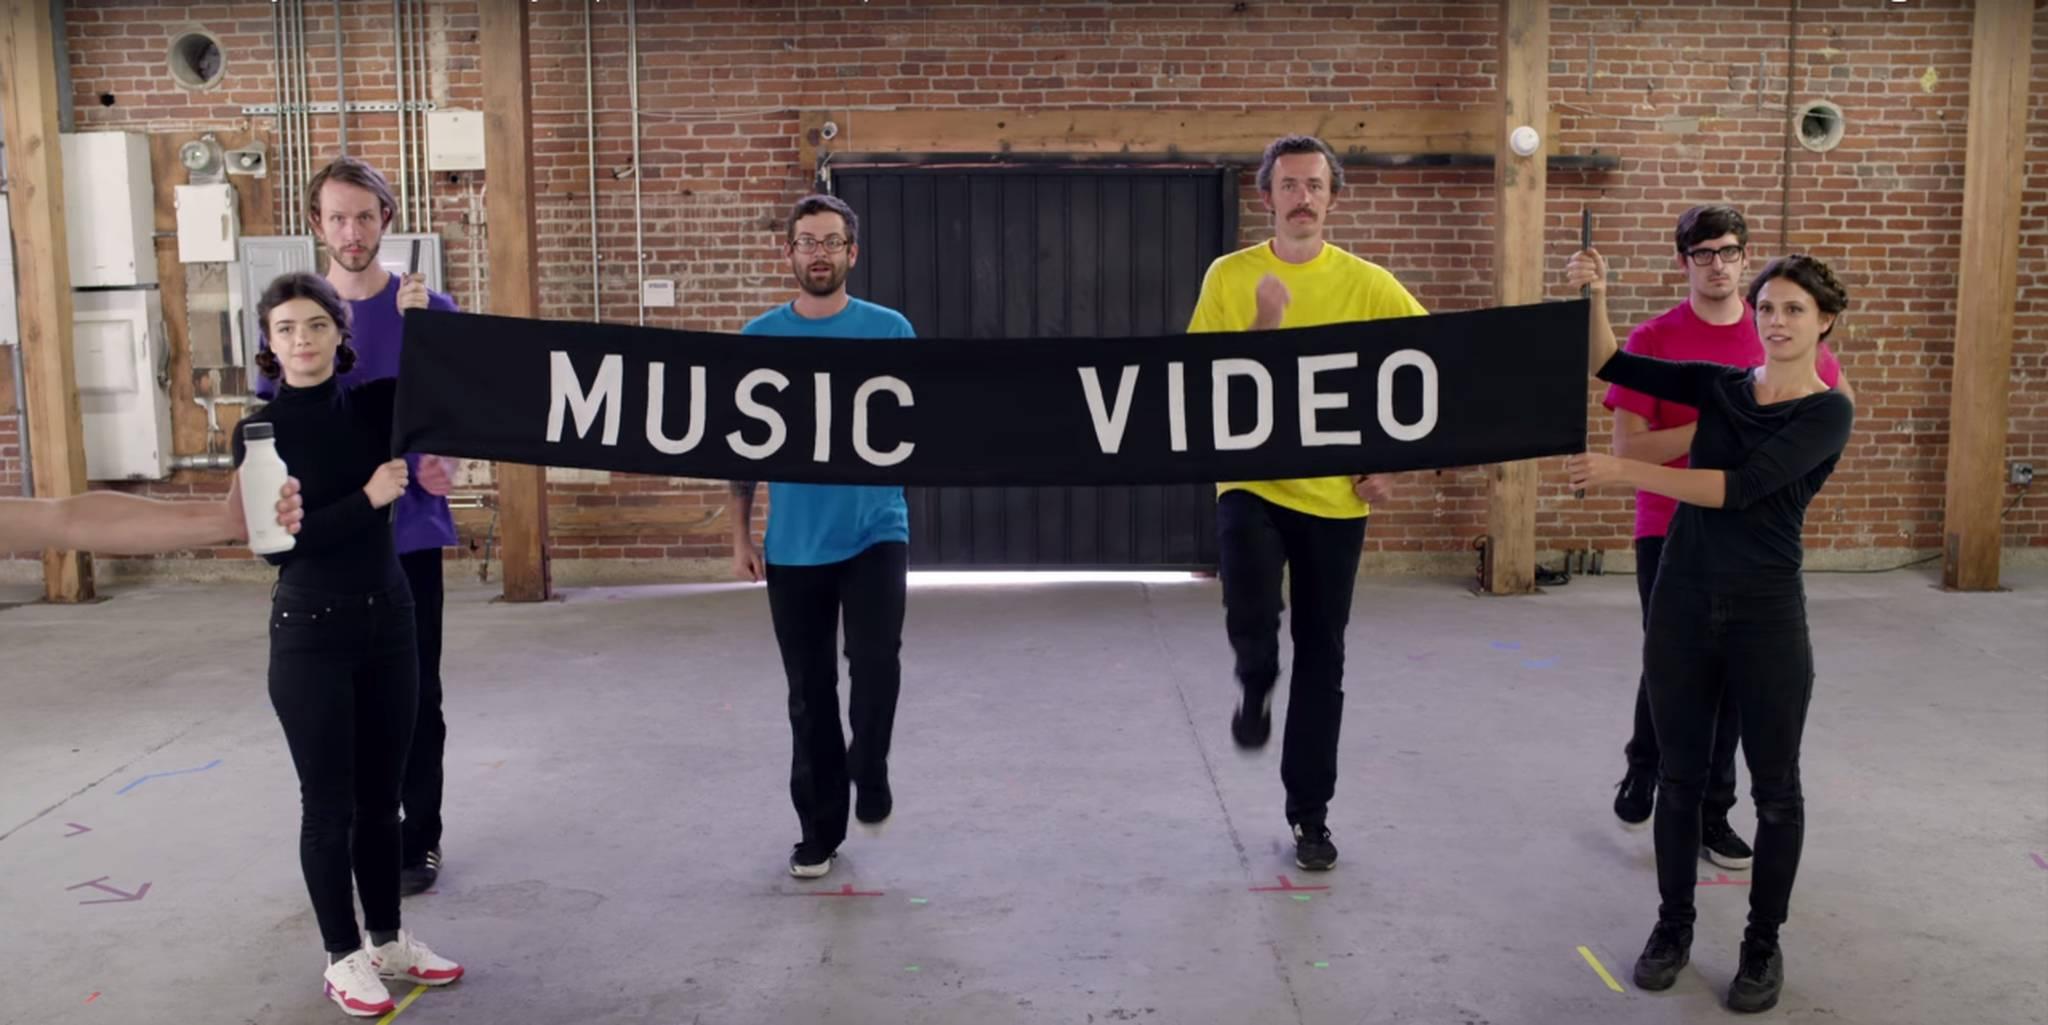 AJJ OK Go parody music video for Goodbye, Oh Goodbye